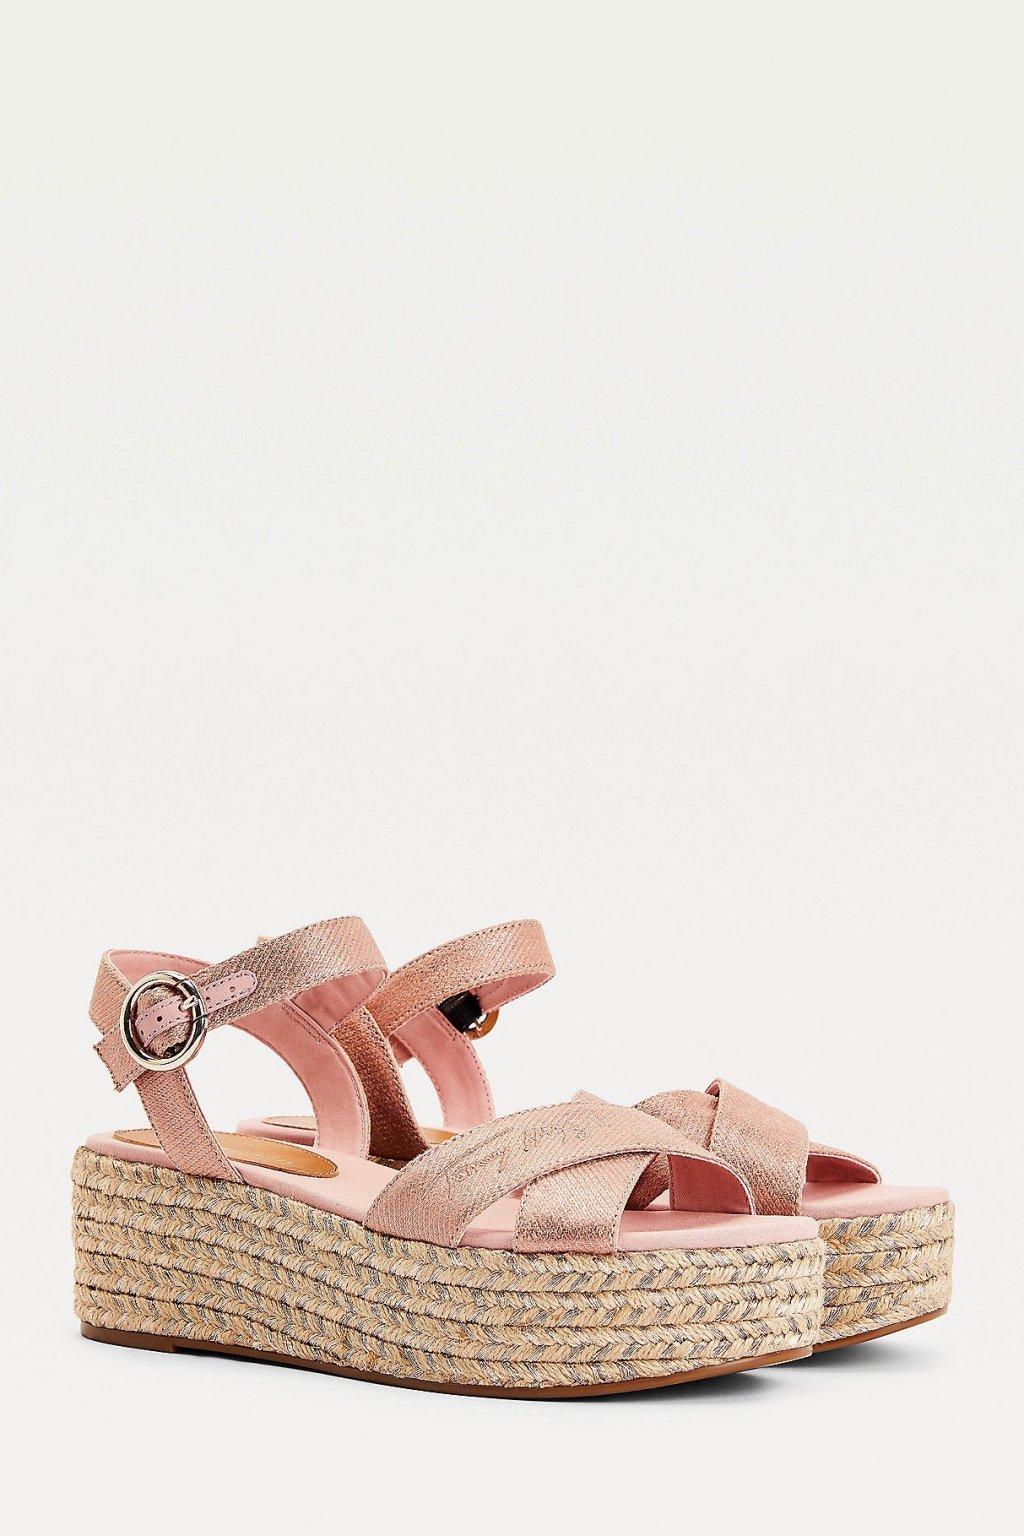 Tommy Hilfiger boty na klínku dámské - růžové